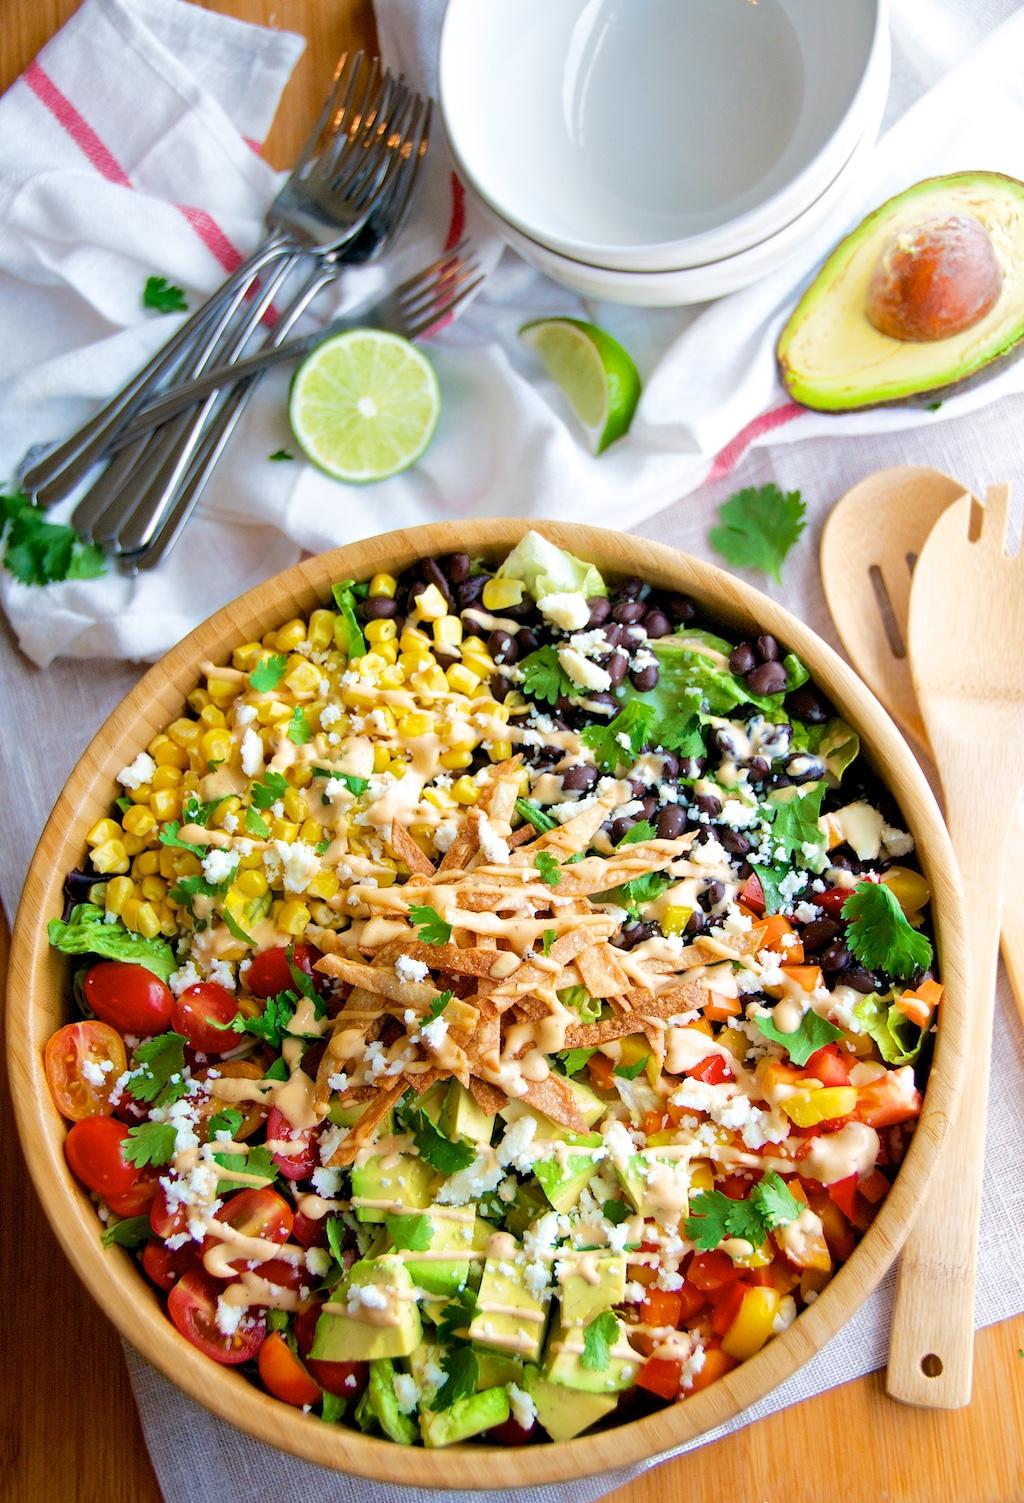 Southwest Chipotle Salad Table Set